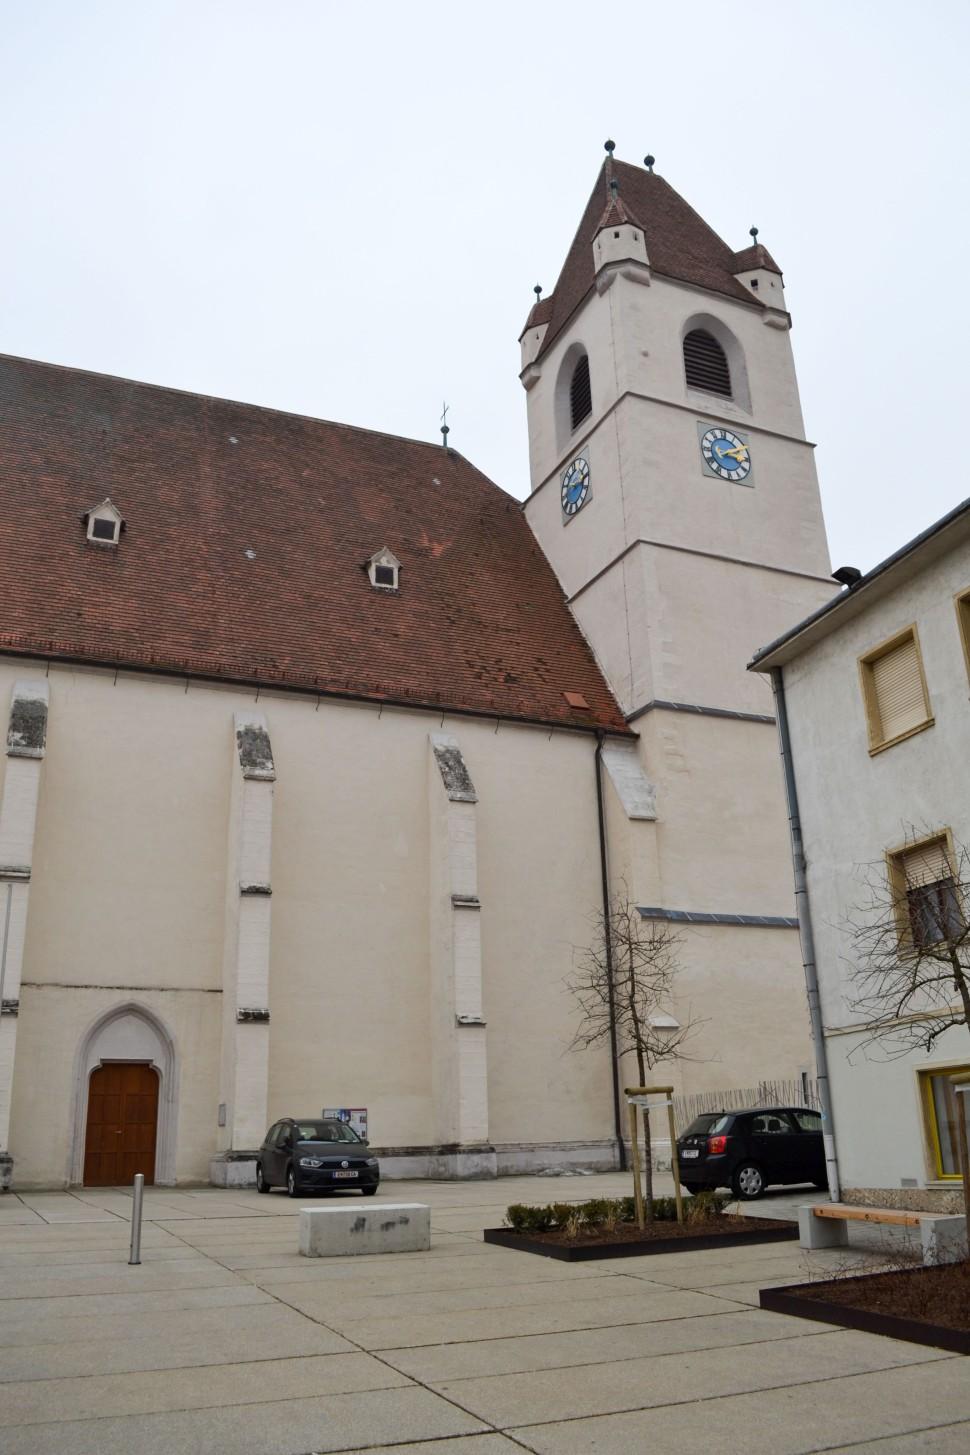 Burgenland_Eisenstadt_city_church_saint martin